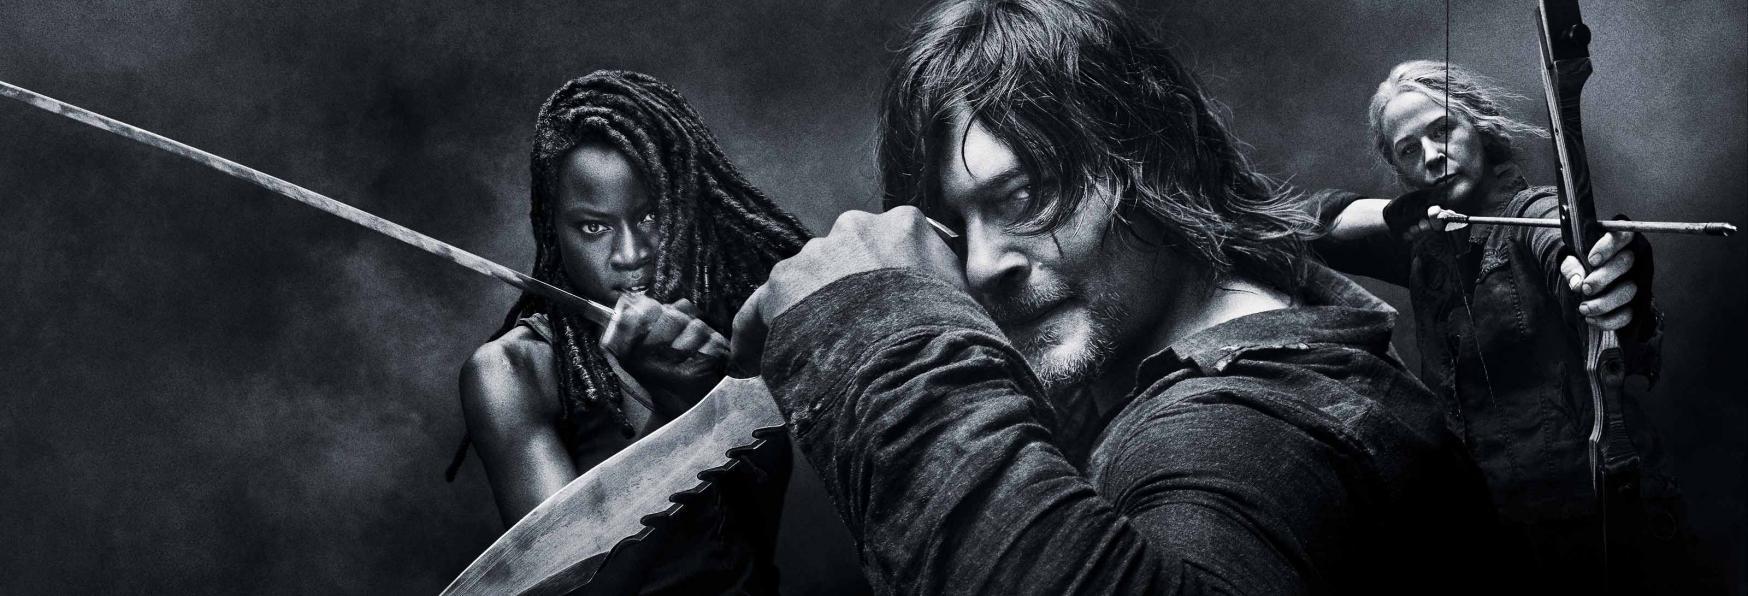 The Walking Dead: i Primi Dettagli dal Set del Secondo Spin-off